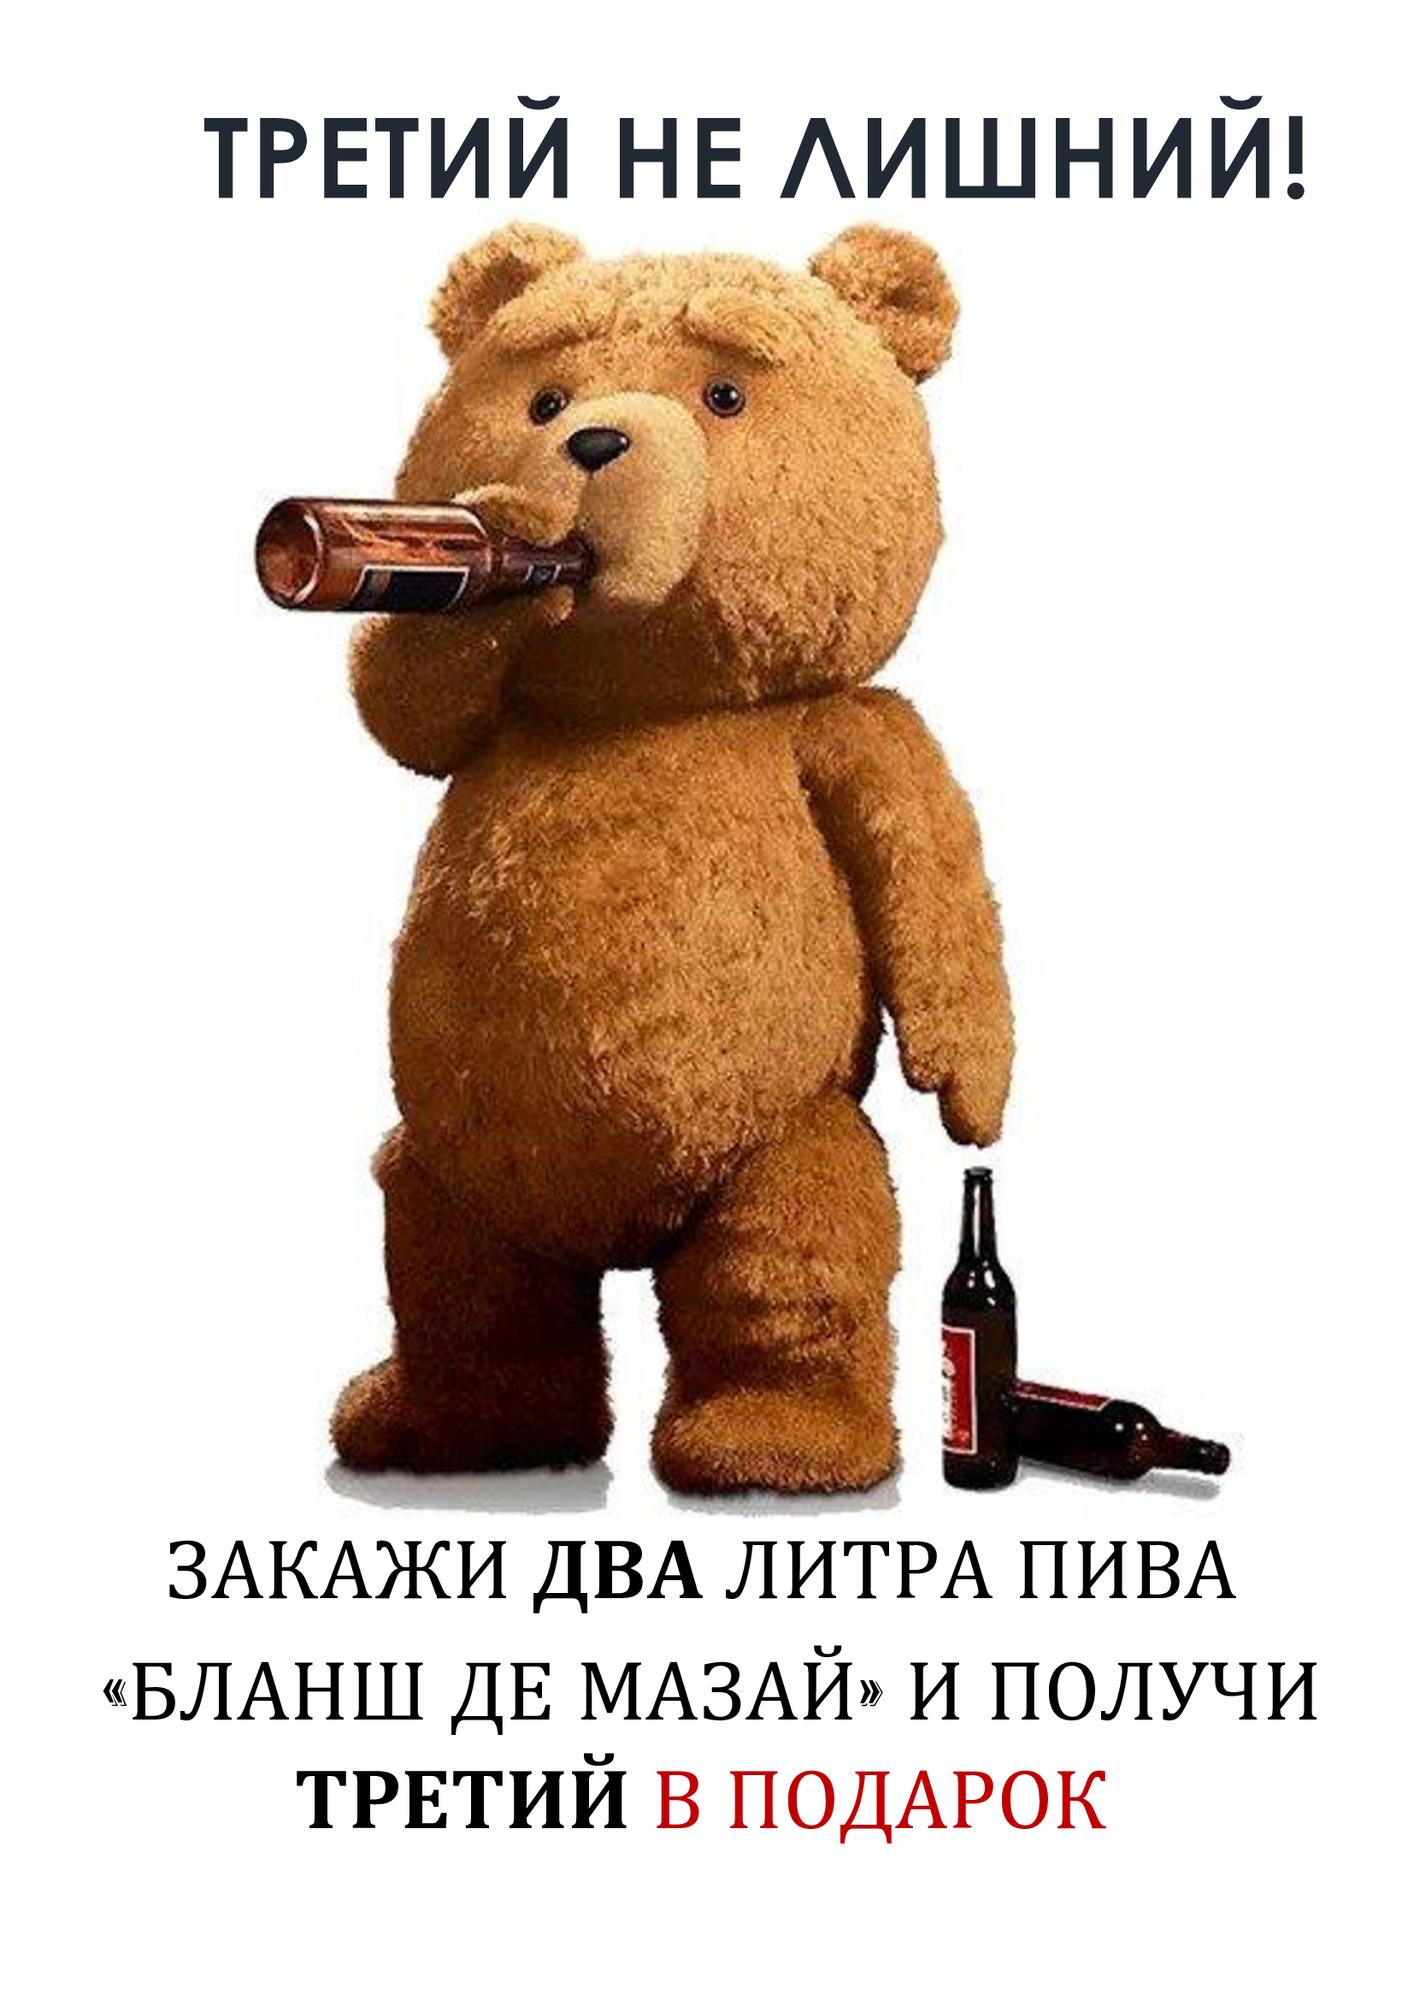 Акция в магазине «Берлога» с 22.02 по 15.03